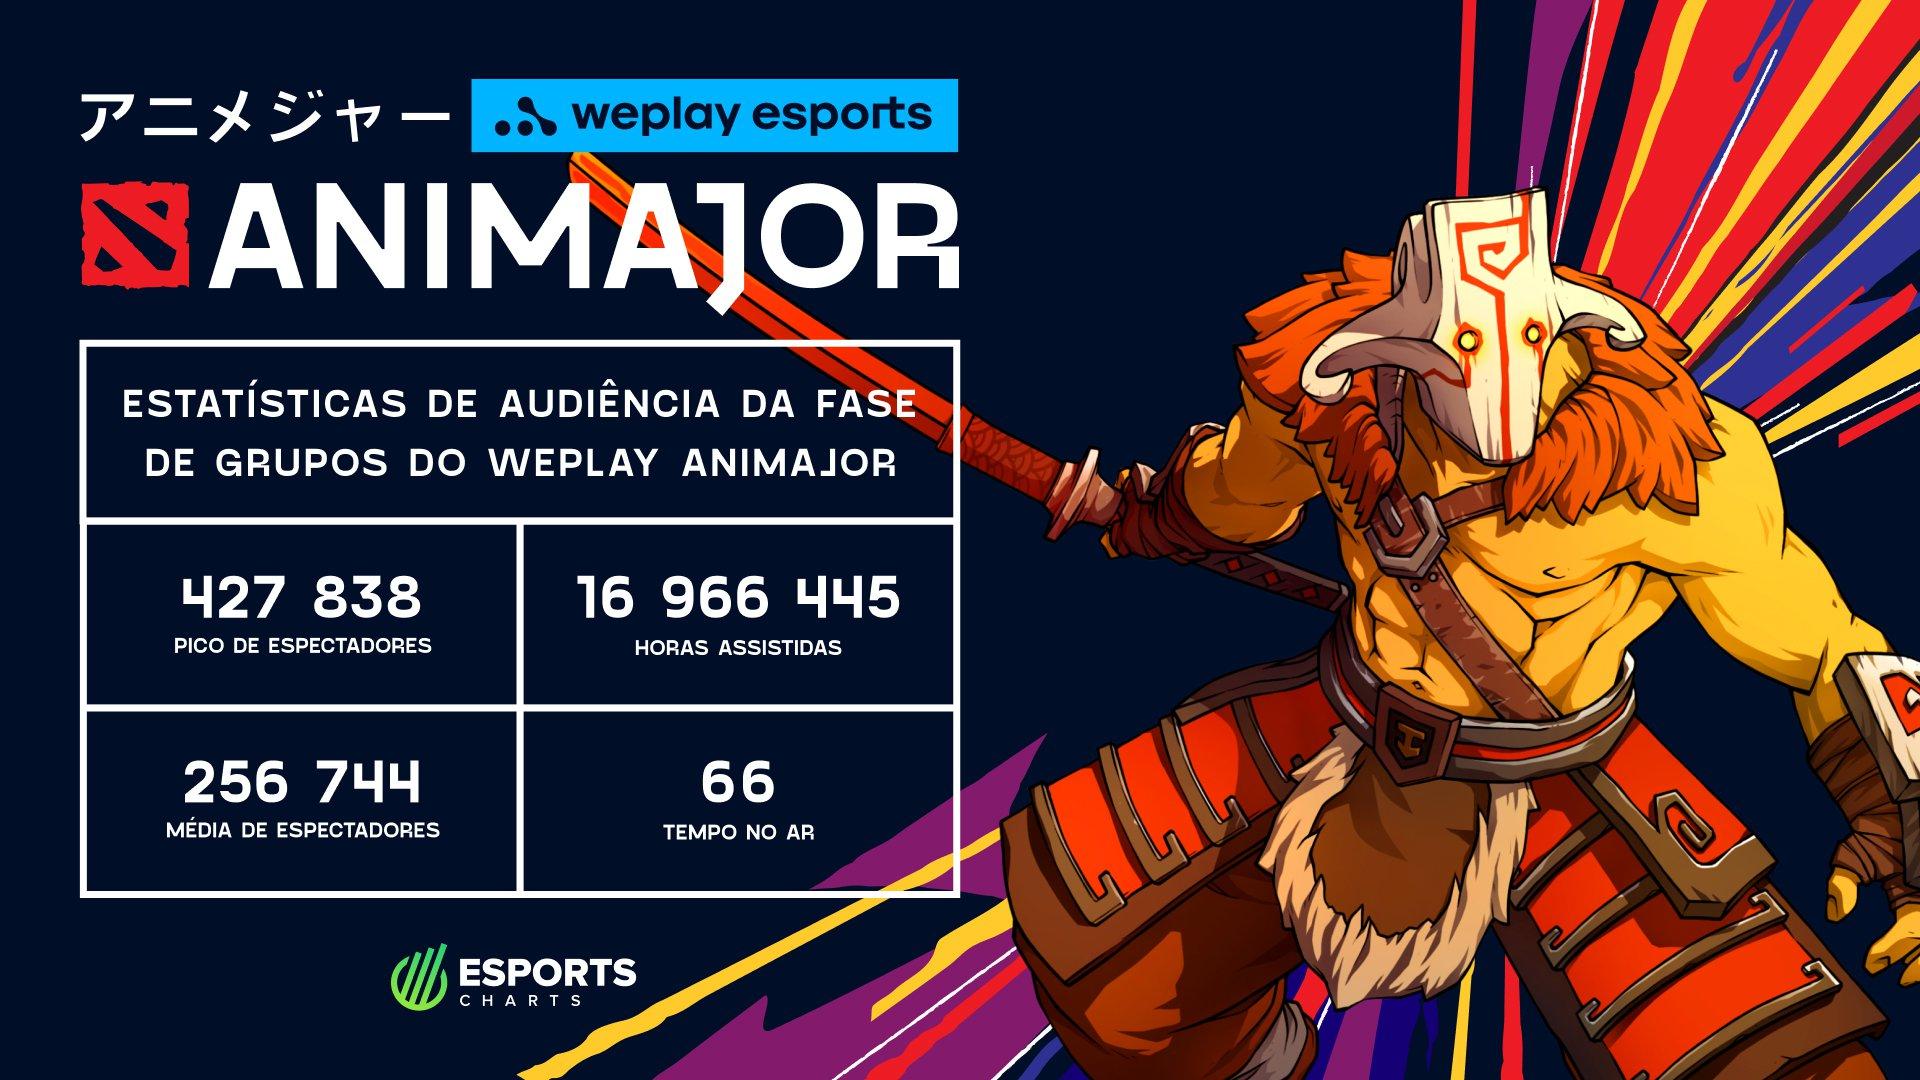 Estatísticas de audiência da fase de grupos do WePlay AniMajor. Imagem: WePlay Esports